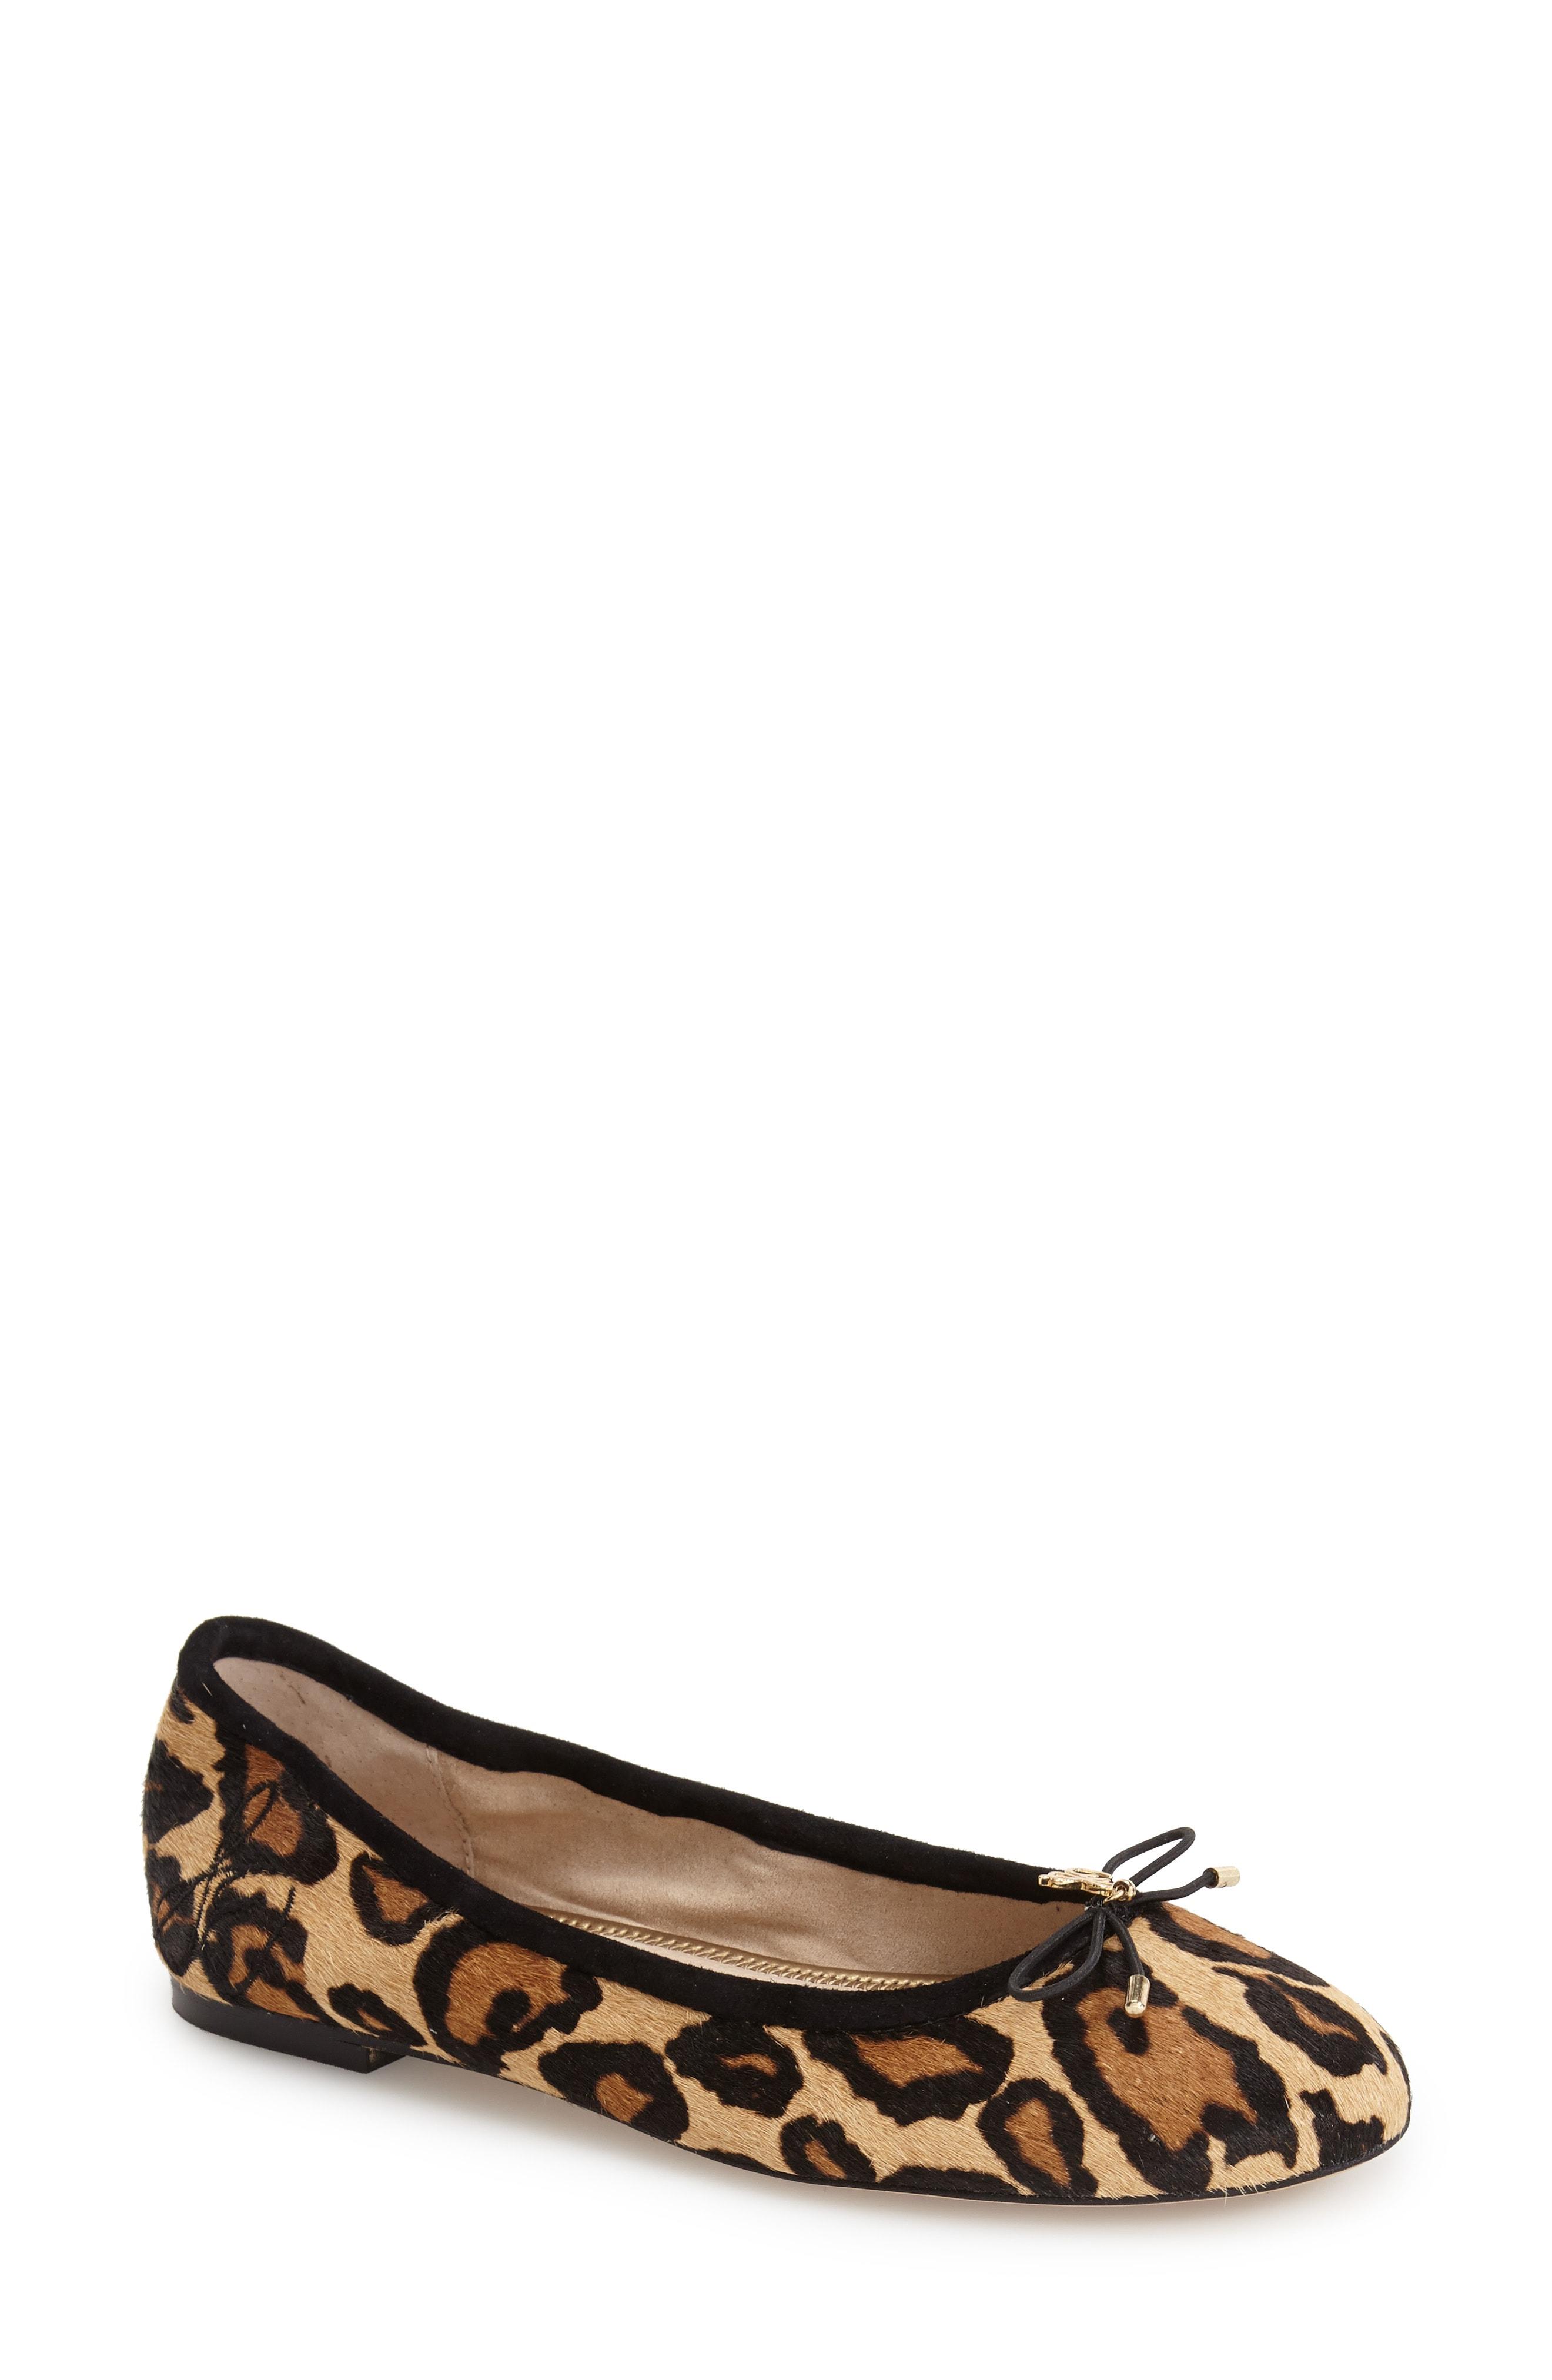 leopard flats | Nordstrom